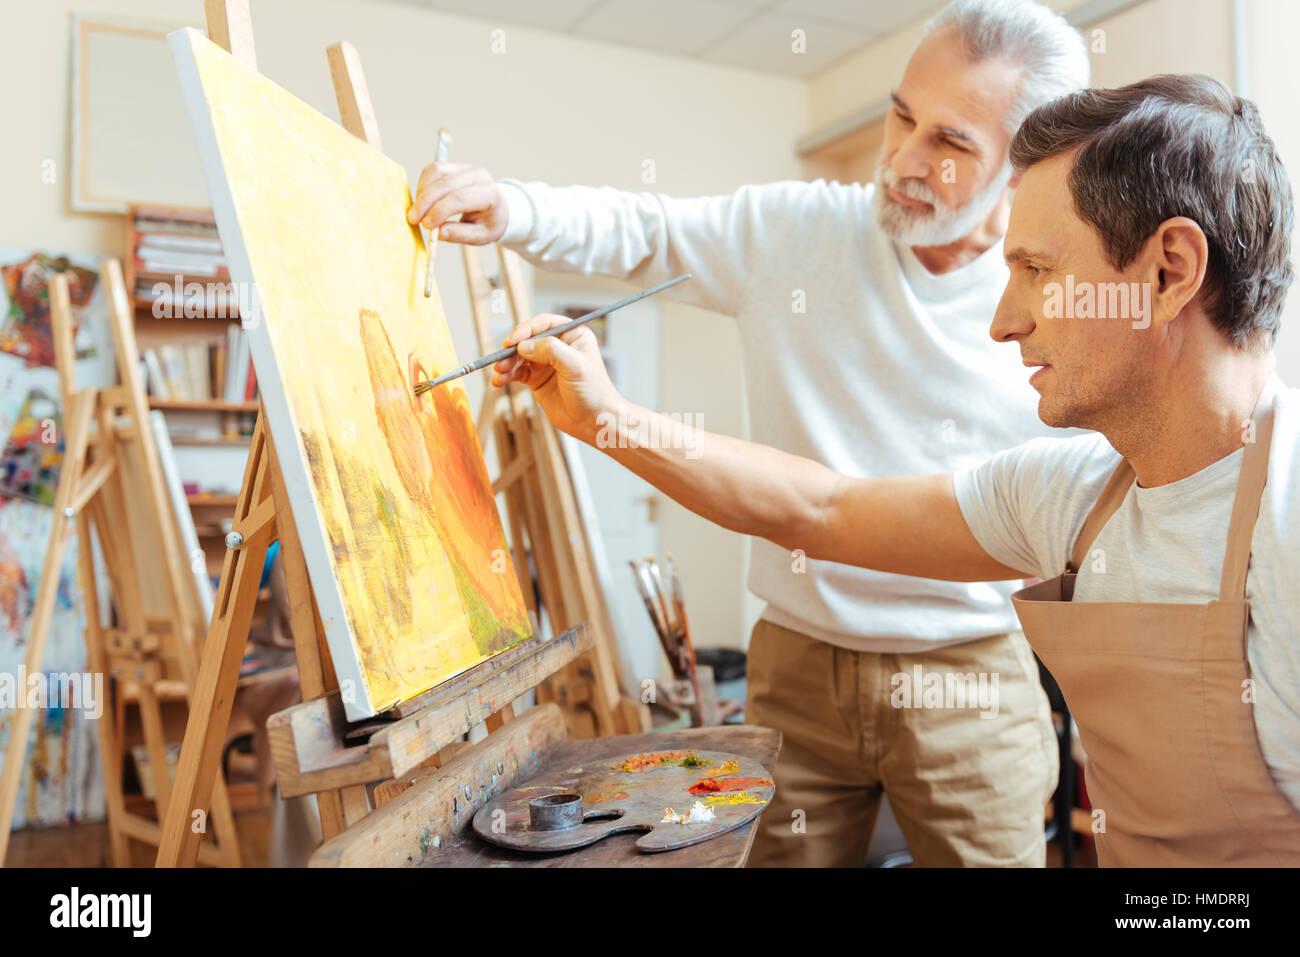 Artista ispirato la pittura con il suo giovane collega. Immagini Stock